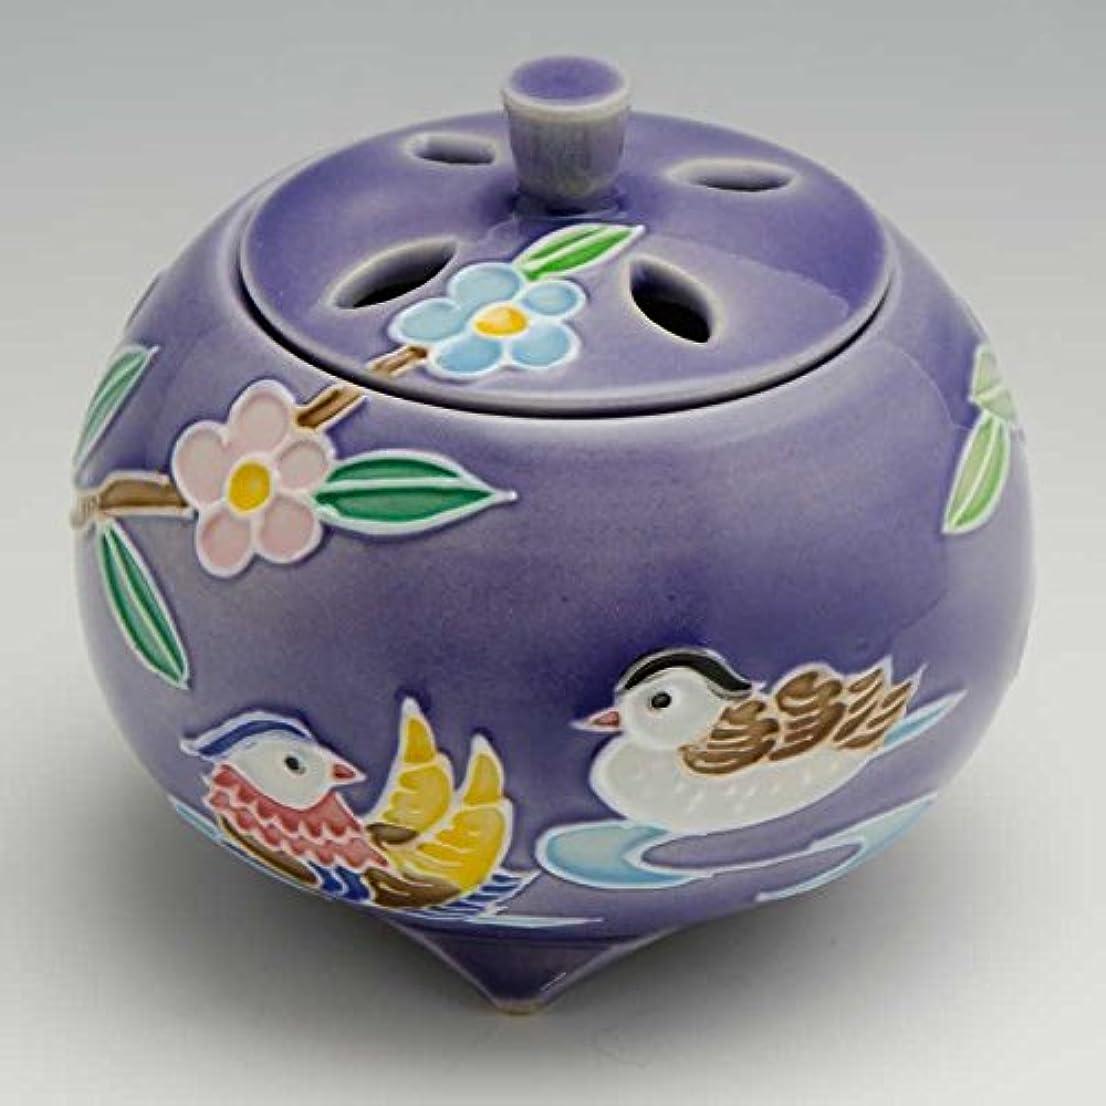 埋めるそれにもかかわらず世界に死んだ京焼 清水焼 京 焼き 京焼き 香炉 1個 木箱入 交趾おしどり(紫) こうちおしどり(むらさき) YSM134